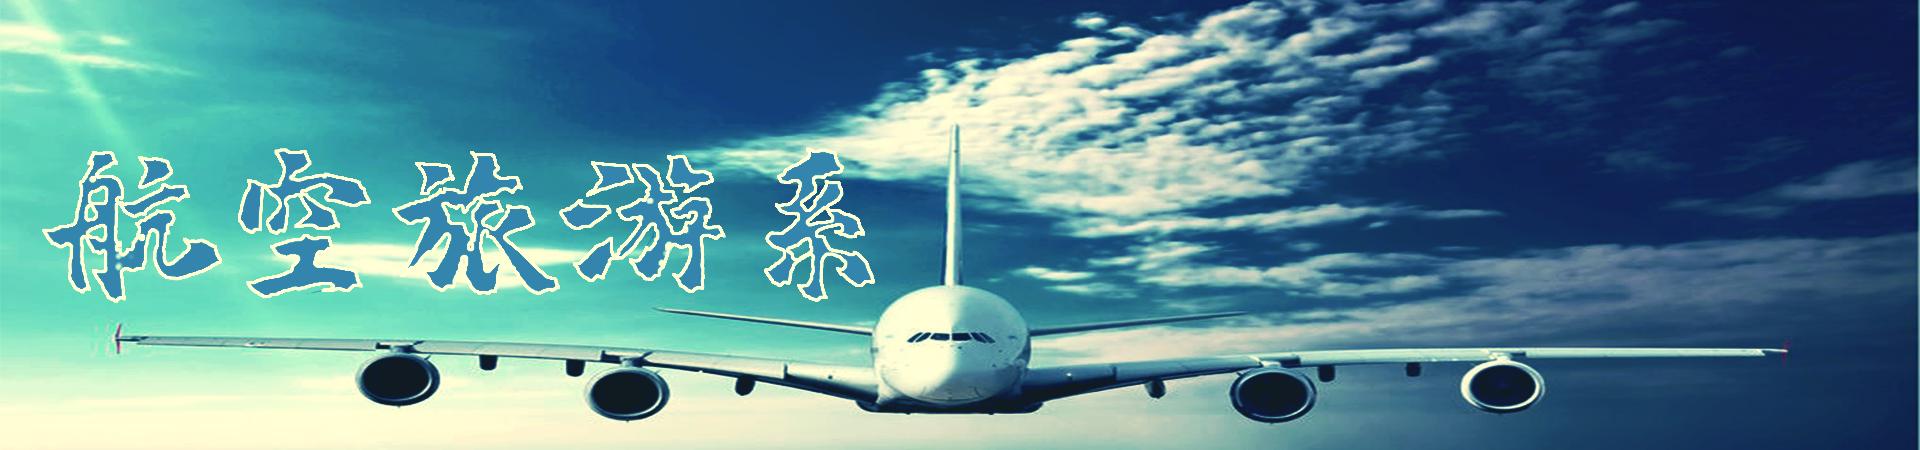 音乐产业与管理学院(航空旅游)